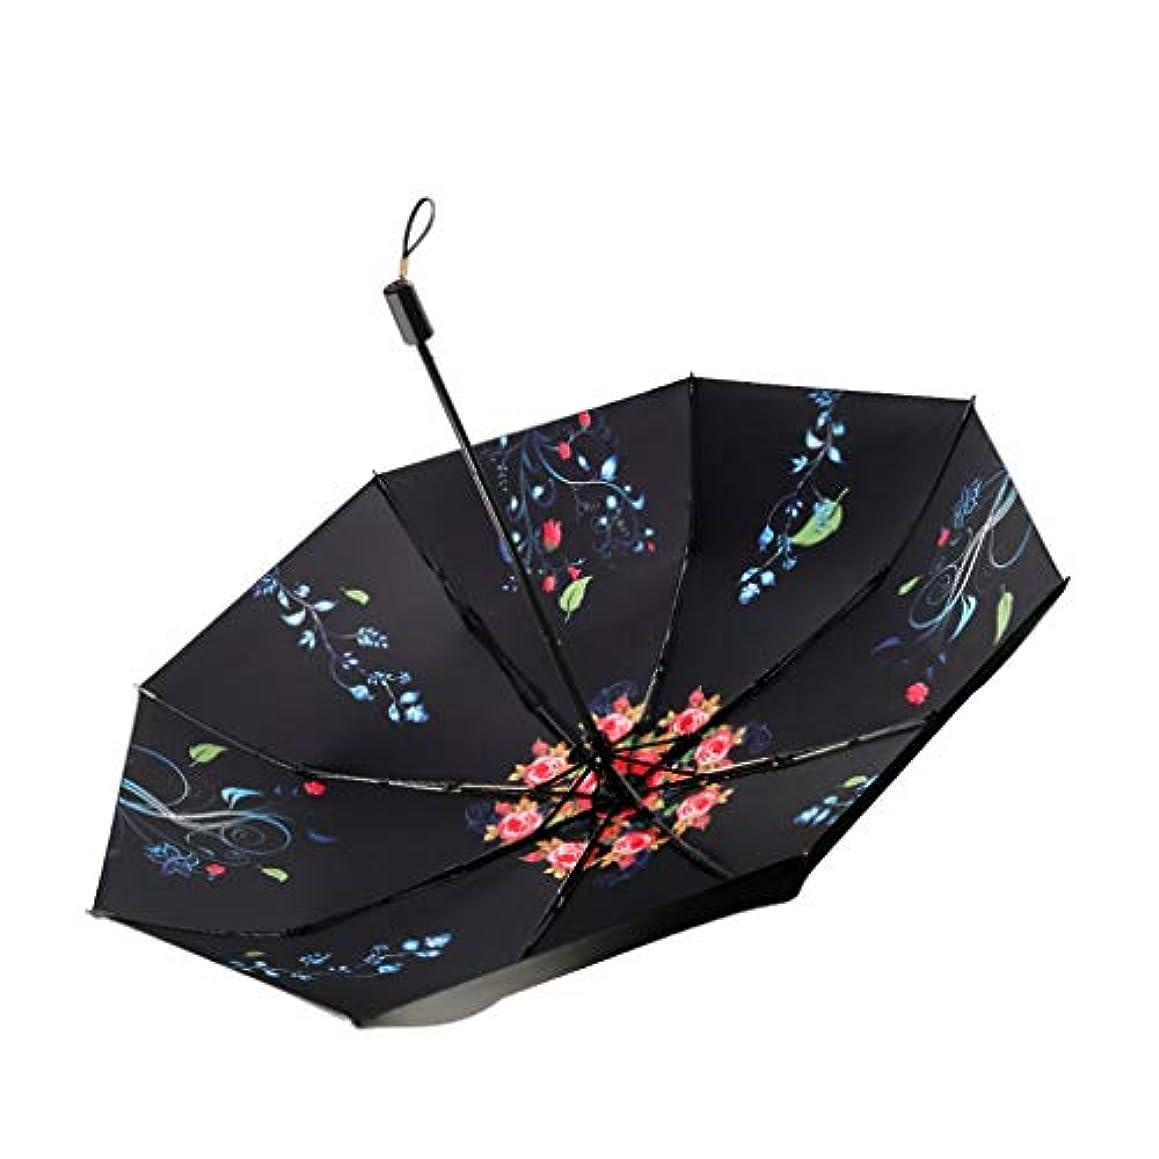 あなたはビデオ変換するポケット傘折りたたみ傘旅行傘太陽の傘UVプロテクション、マルチカラーオプション、さまざまなオプション Huhero (Color : A)